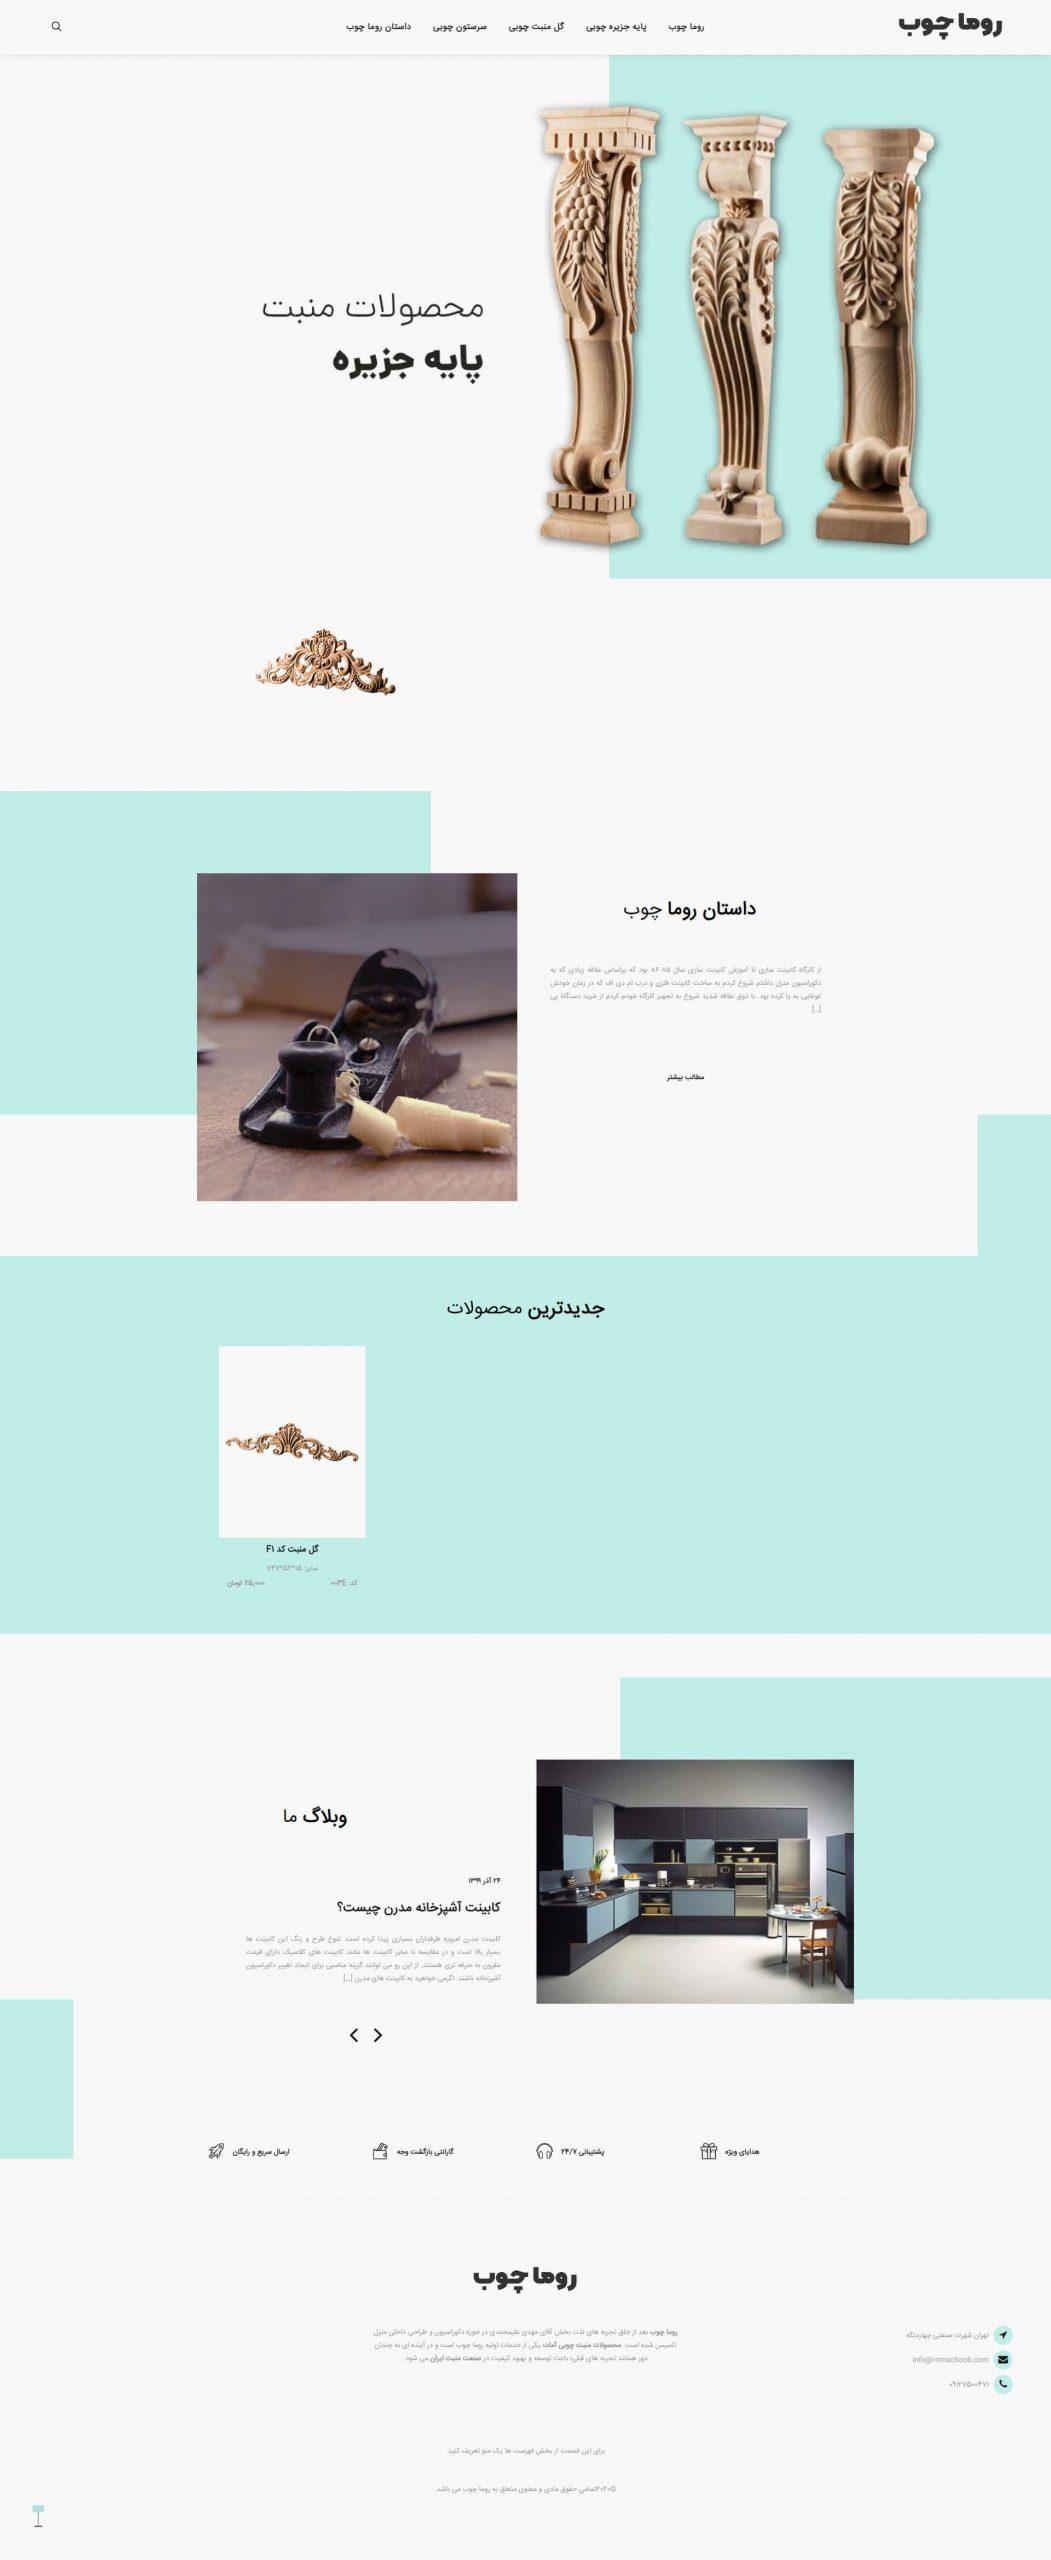 طراحی سایت اختصاصی,طراحی سایت روما چوب,طراحی سایت شرکتی-فروشگاهی